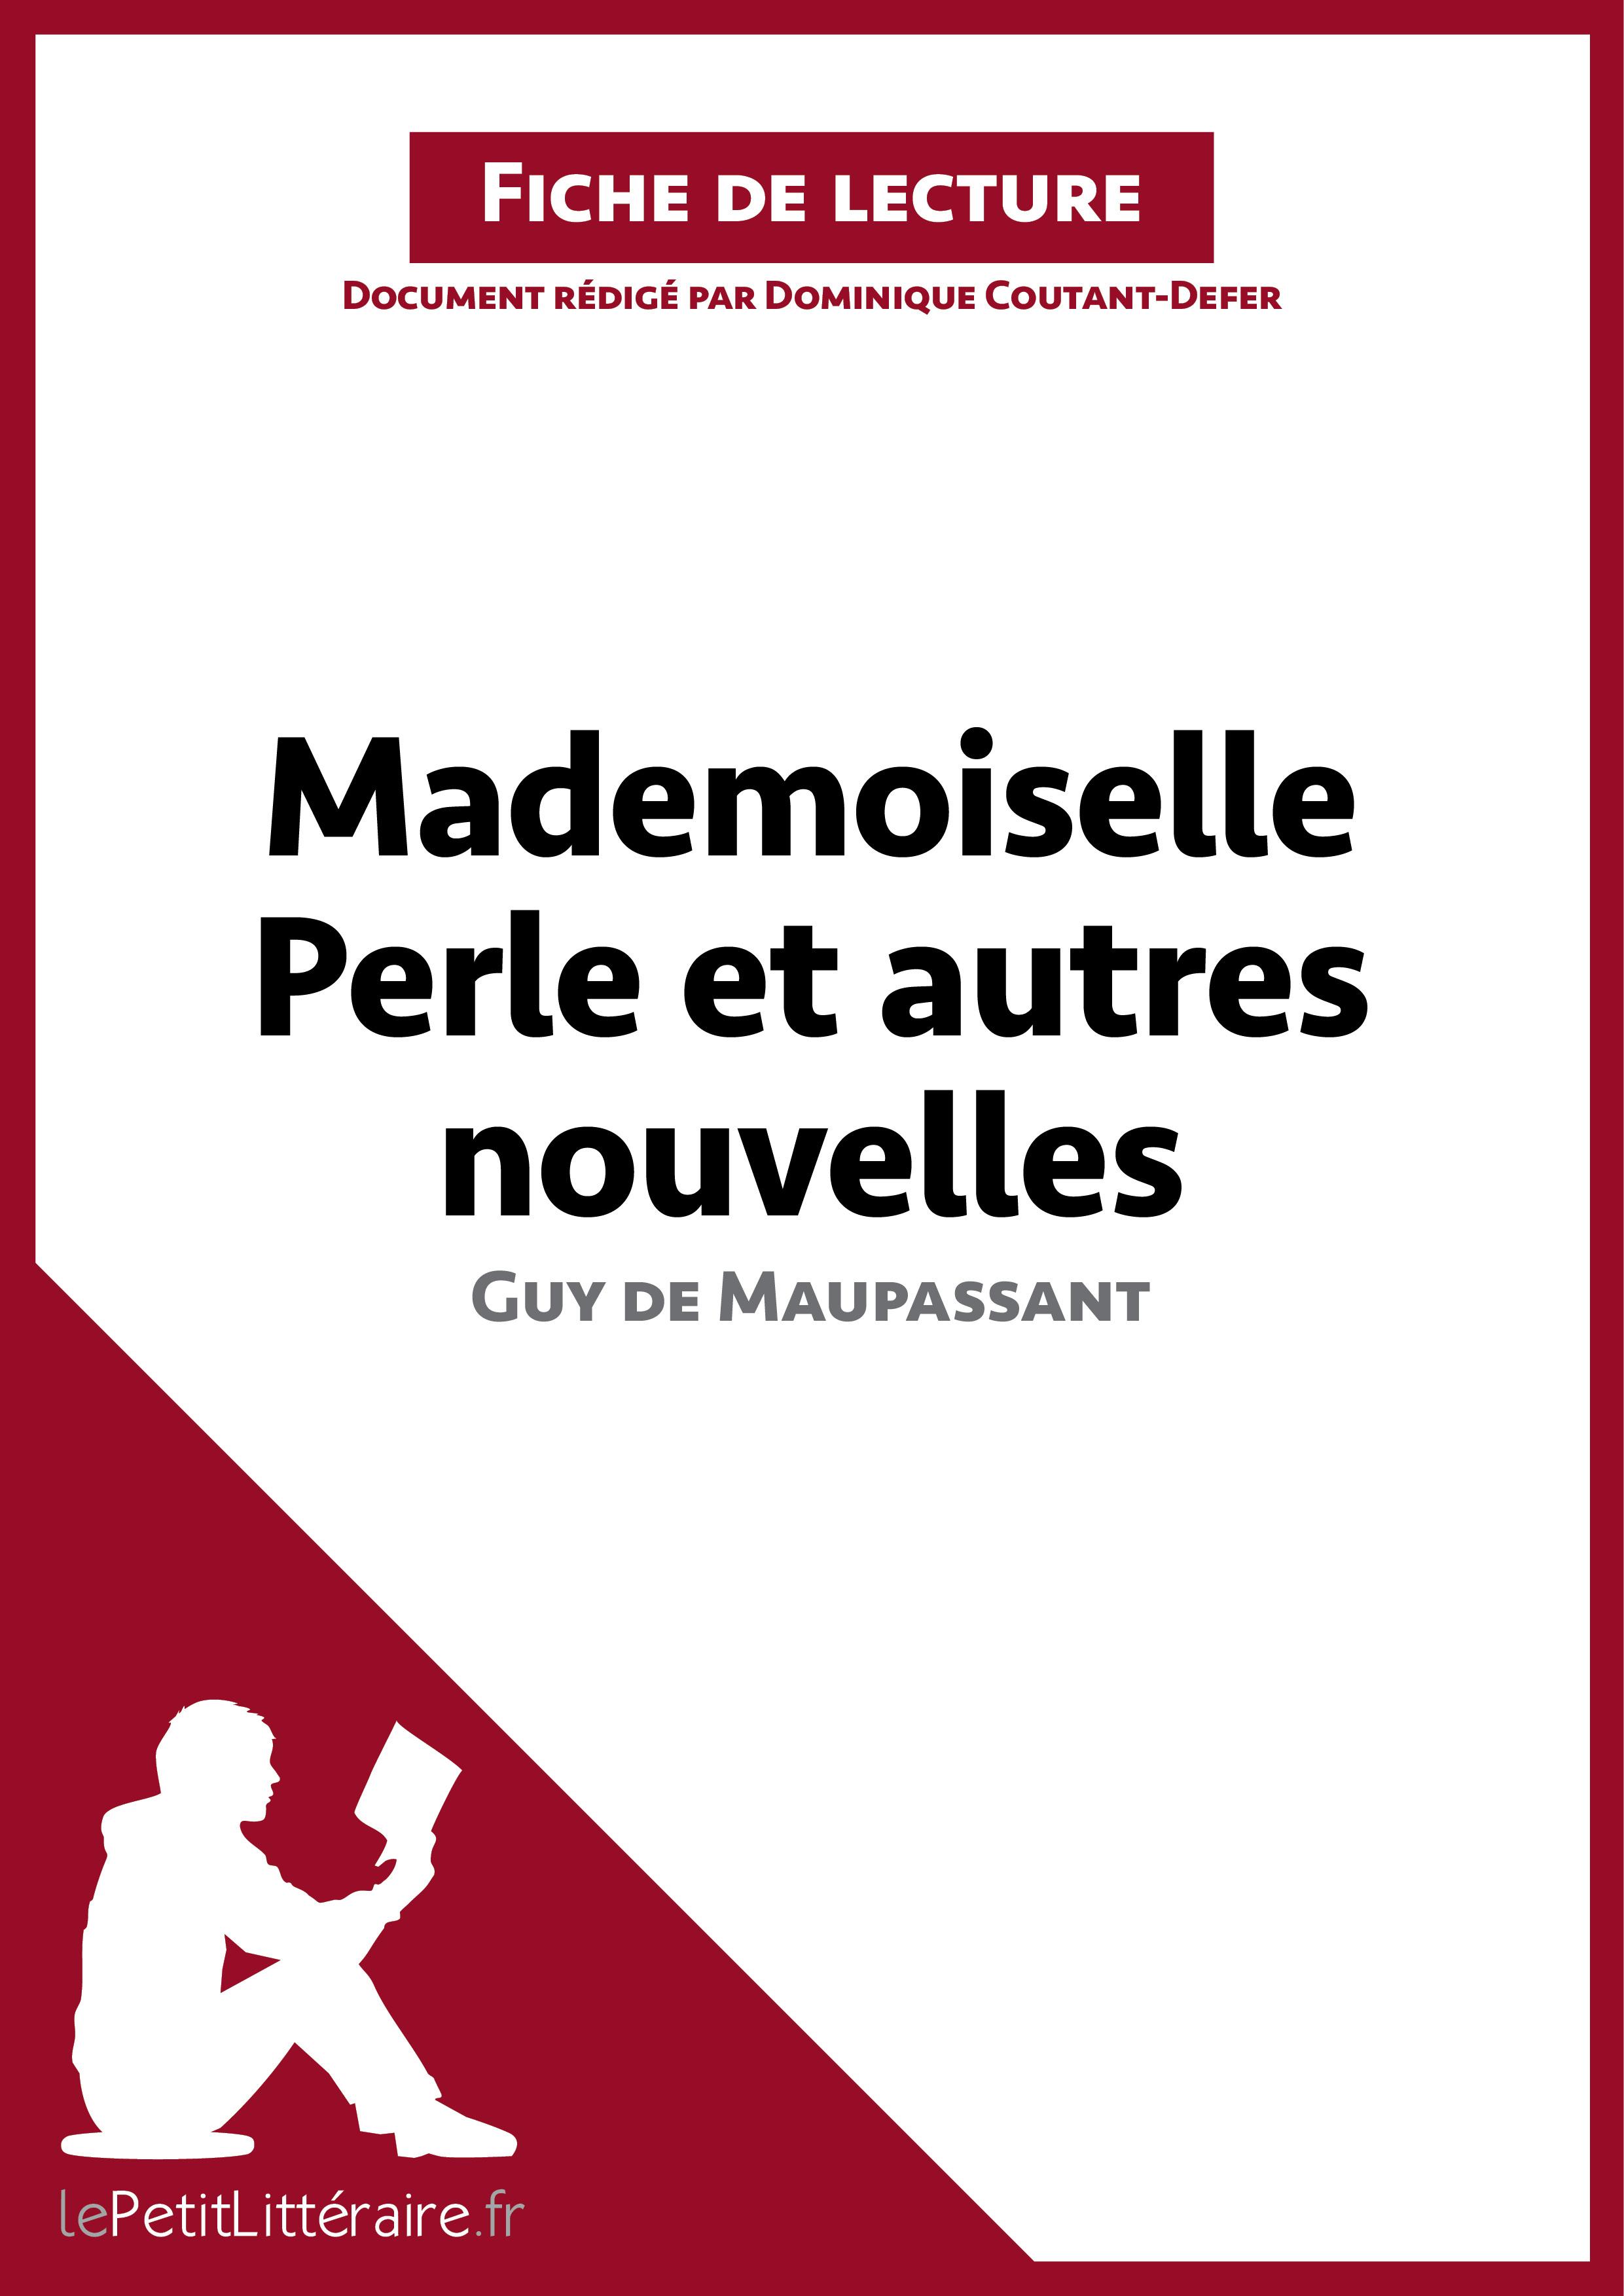 Mademoiselle Perle et autres nouvelles